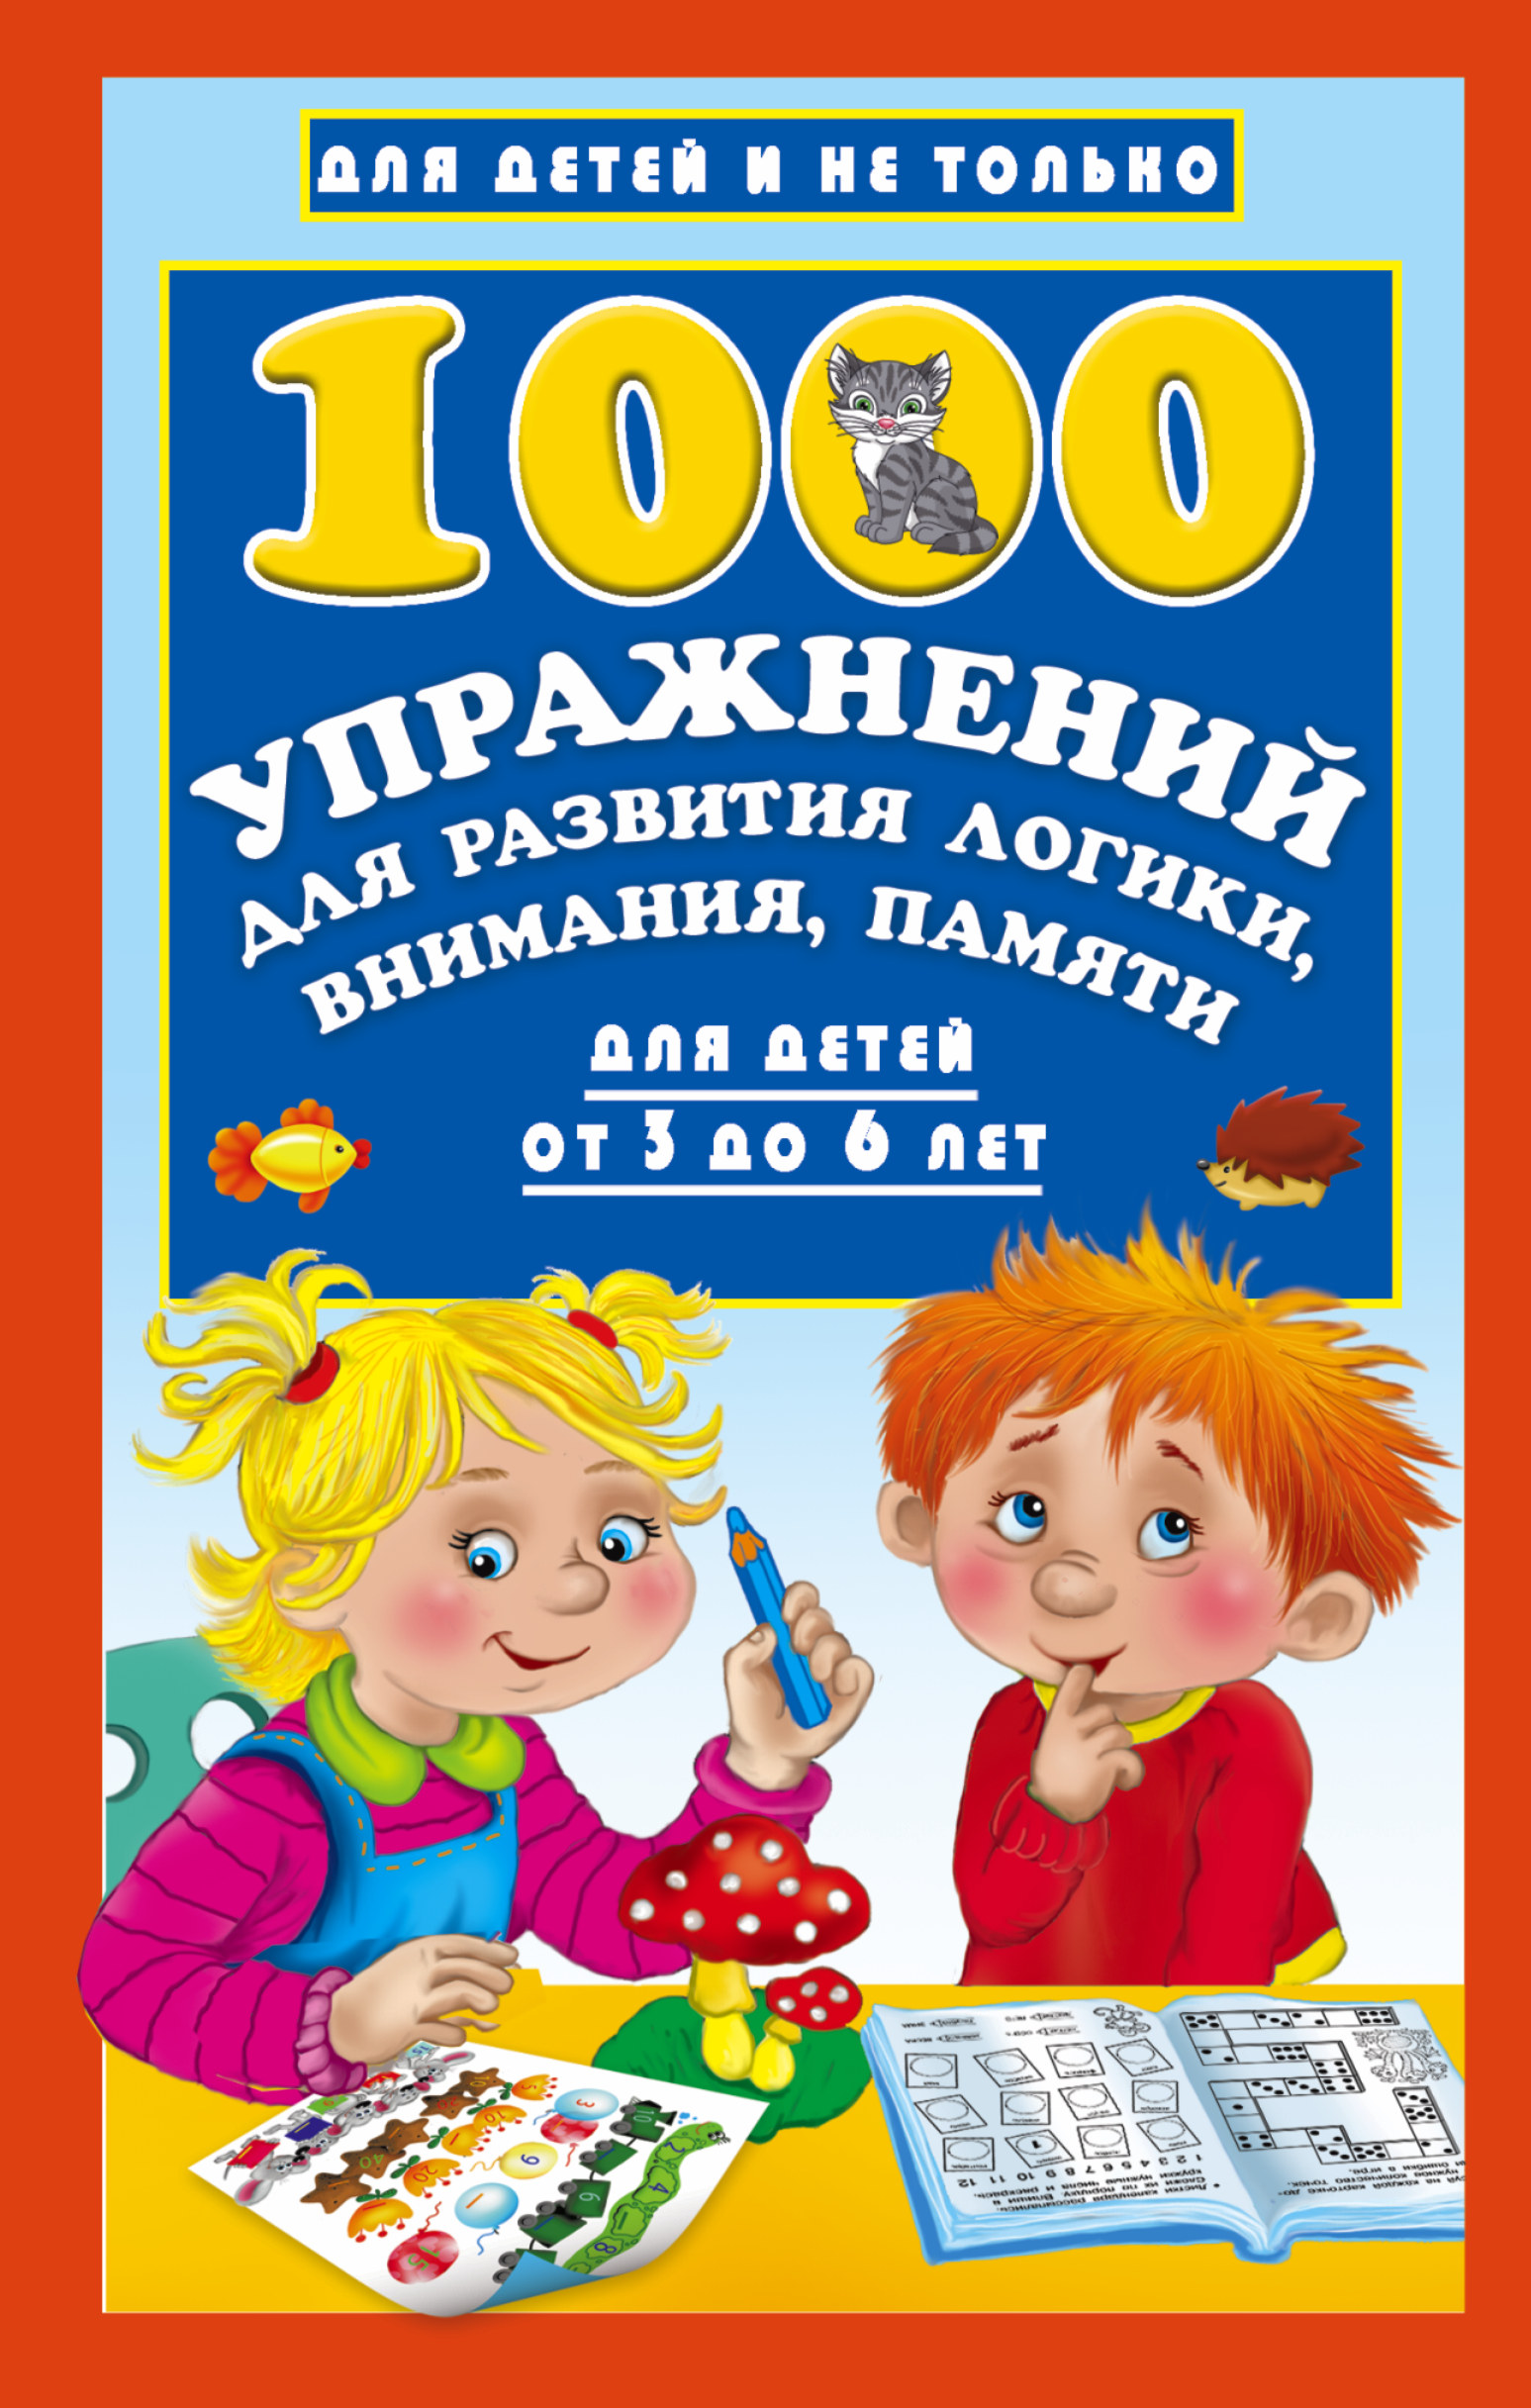 Дмитриева В.Г. 1000 упражнений для развития логики, внимания, памяти для детей от 3 до 6 лет дмитриева в г большая книга развития логики с 2 х лет